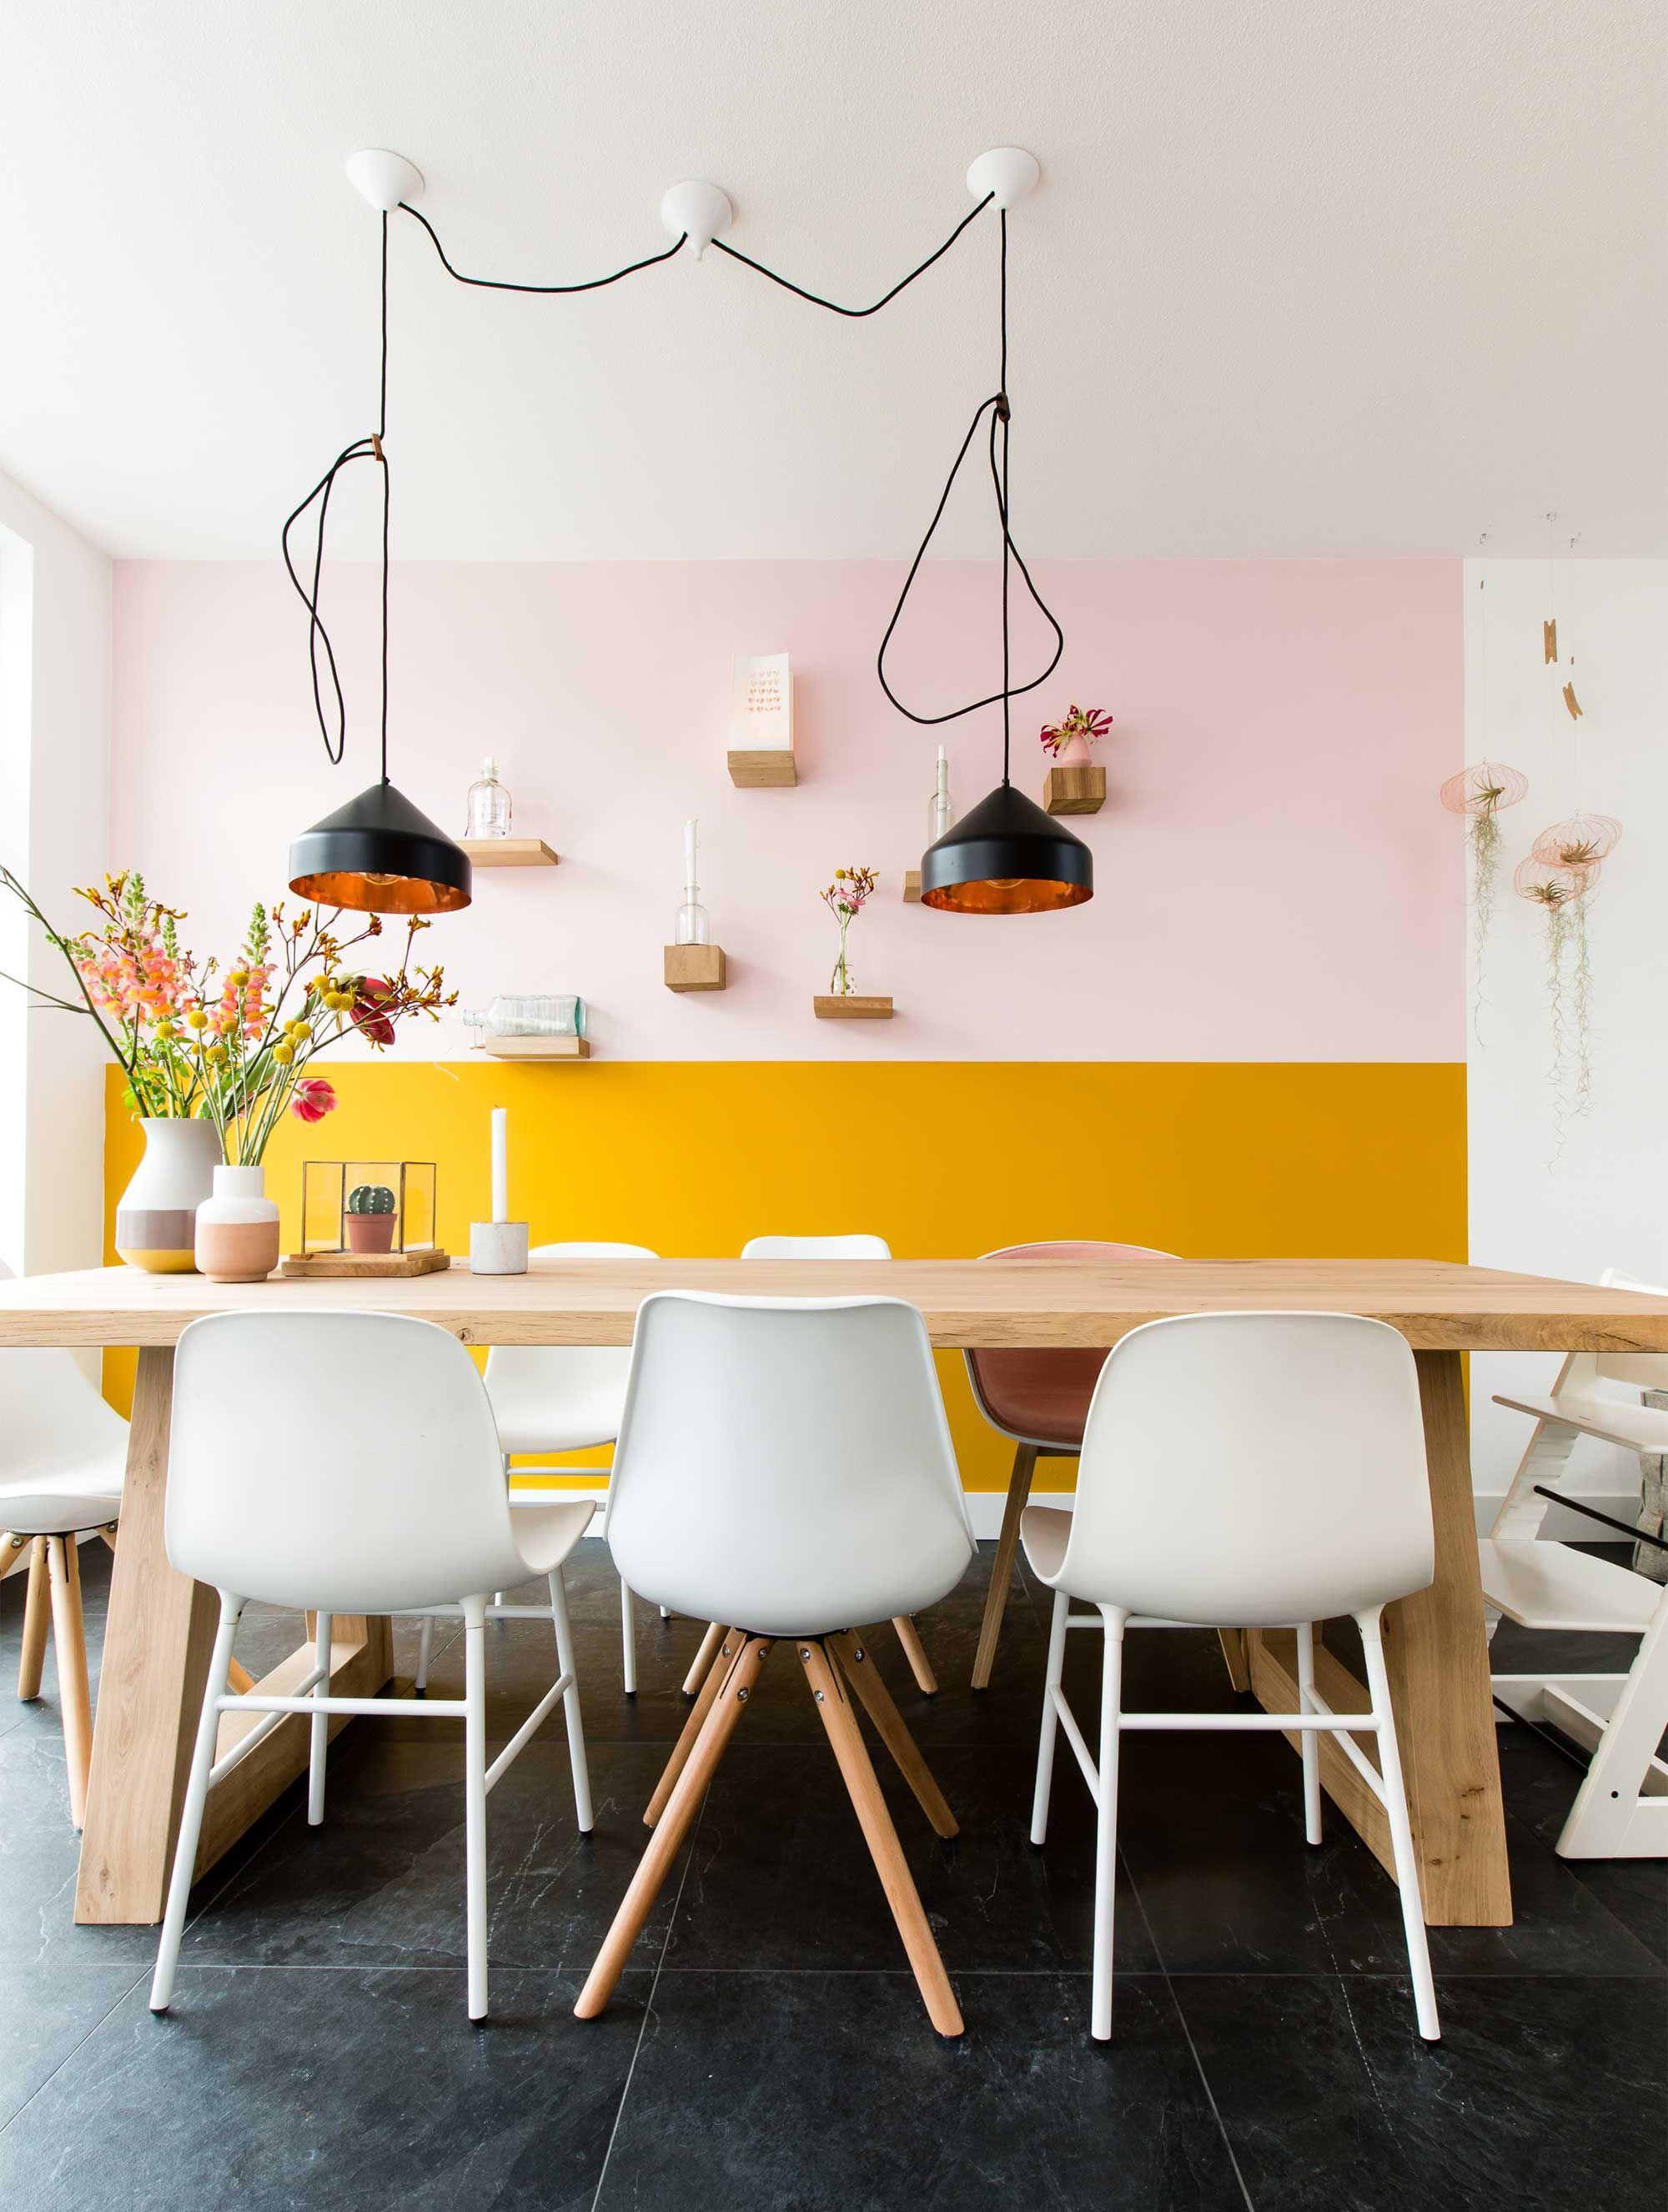 When pictures inspired me #163 | Esszimmer, Küche und Wohnzimmer